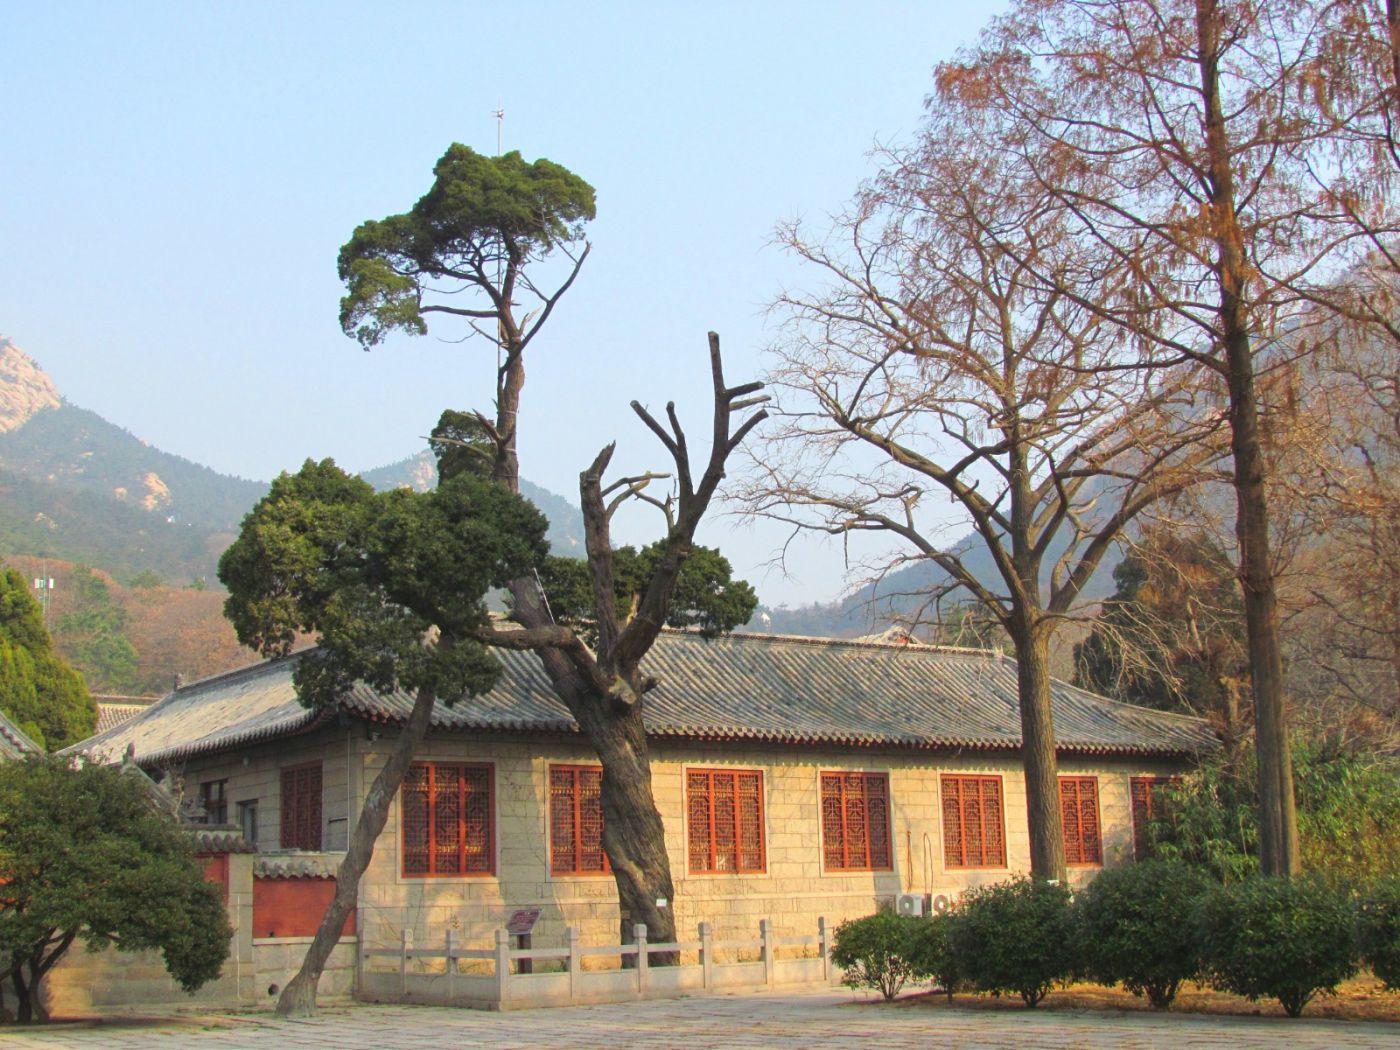 古刹、老树、红叶_图1-9